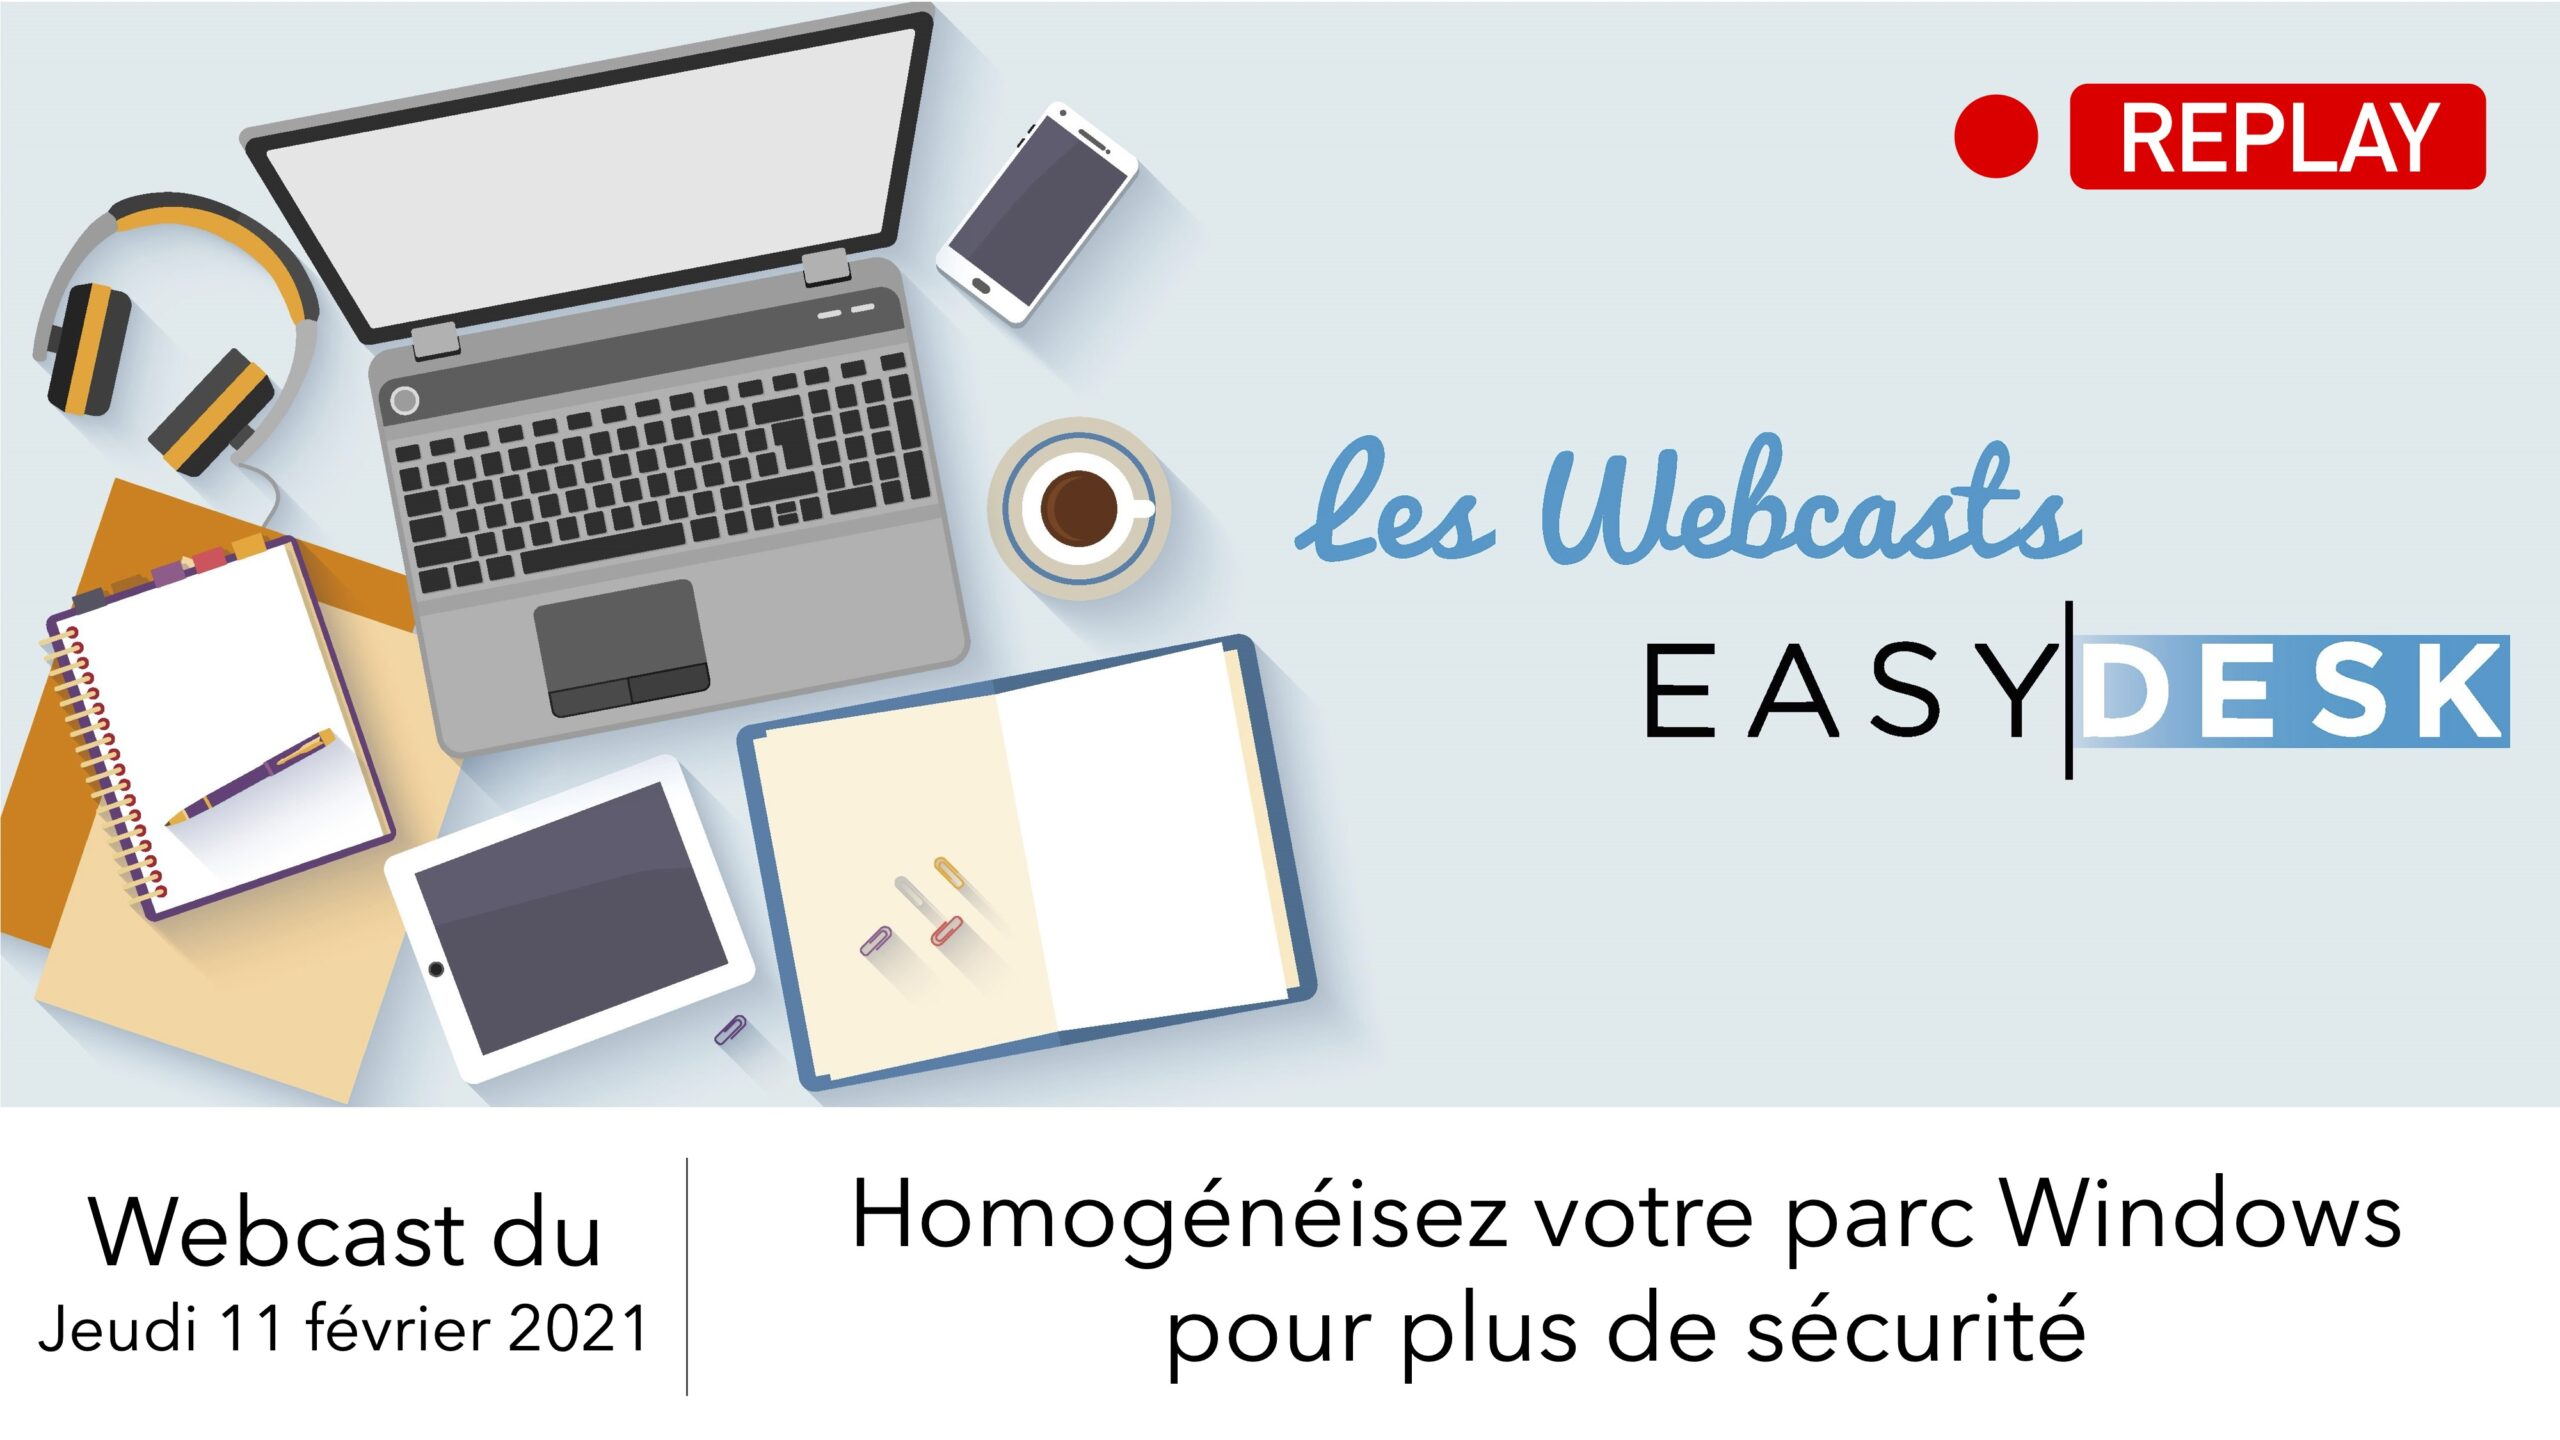 replay webcast : homogénéisez votre parc windows pour plus de sécurité